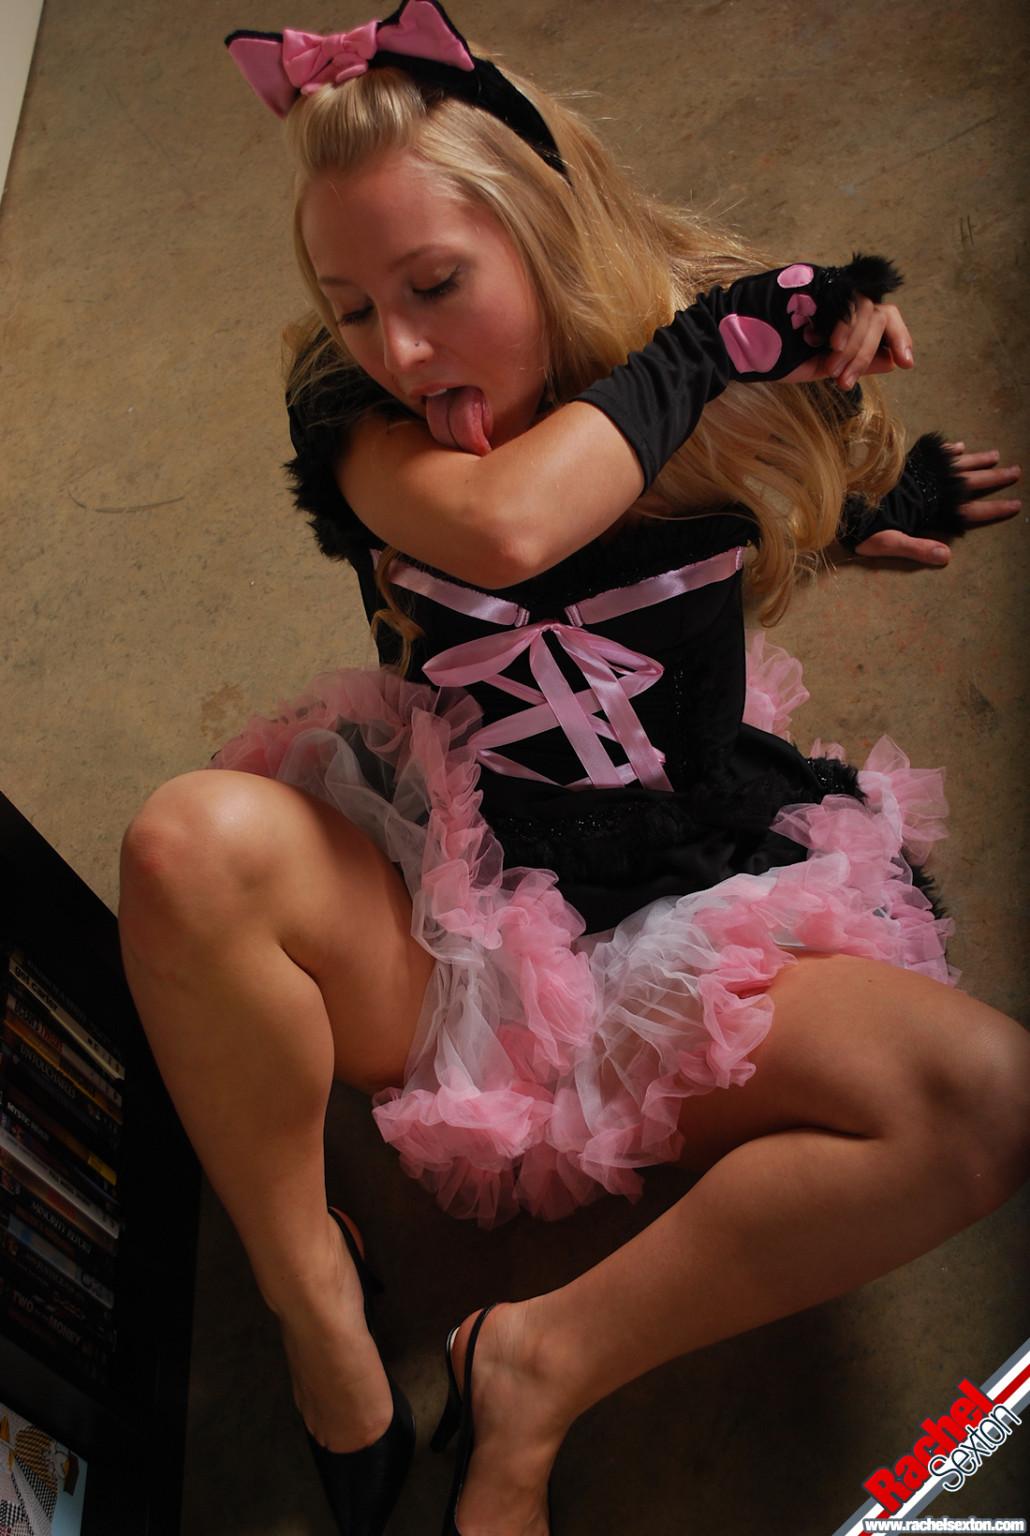 Rachel sexton kitty cosplay